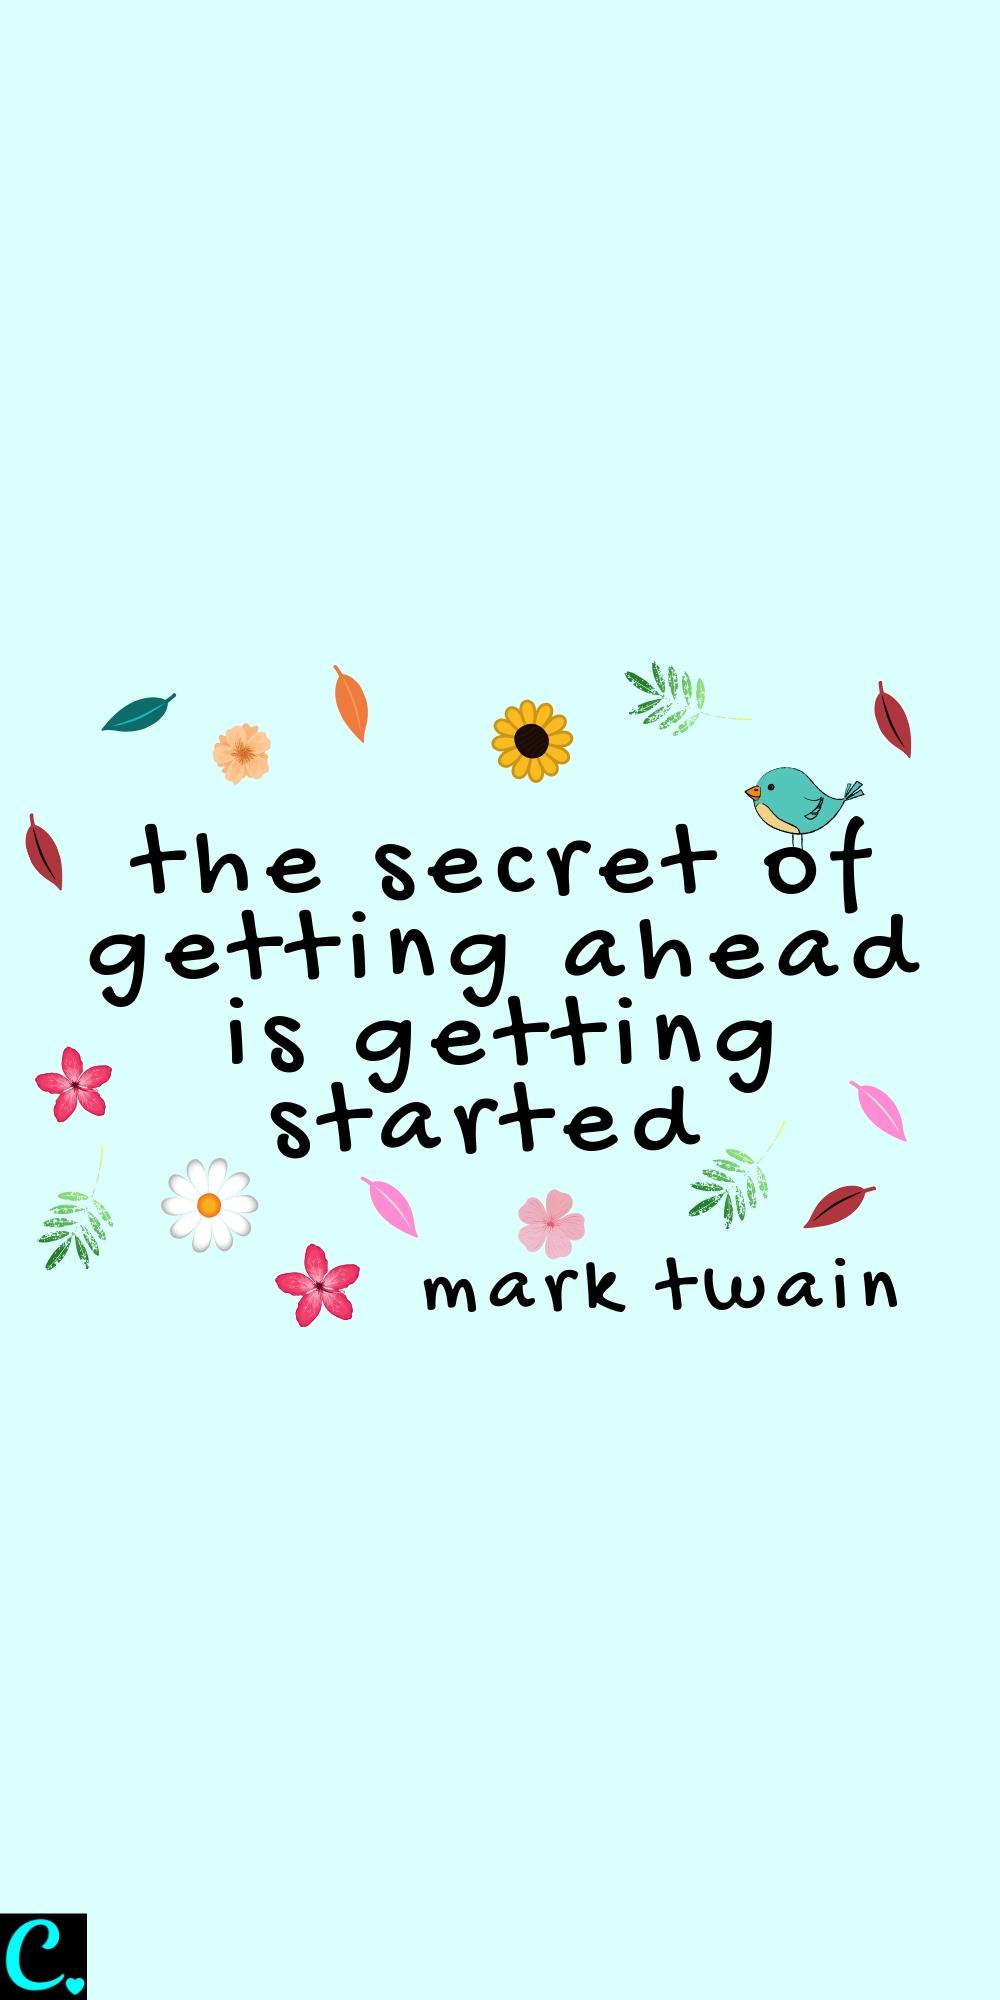 the secret of getting started is getting ahead - Mark Twain quote #successquote #comfortzonequotes #successmindset #achievegoals #successfulwomen